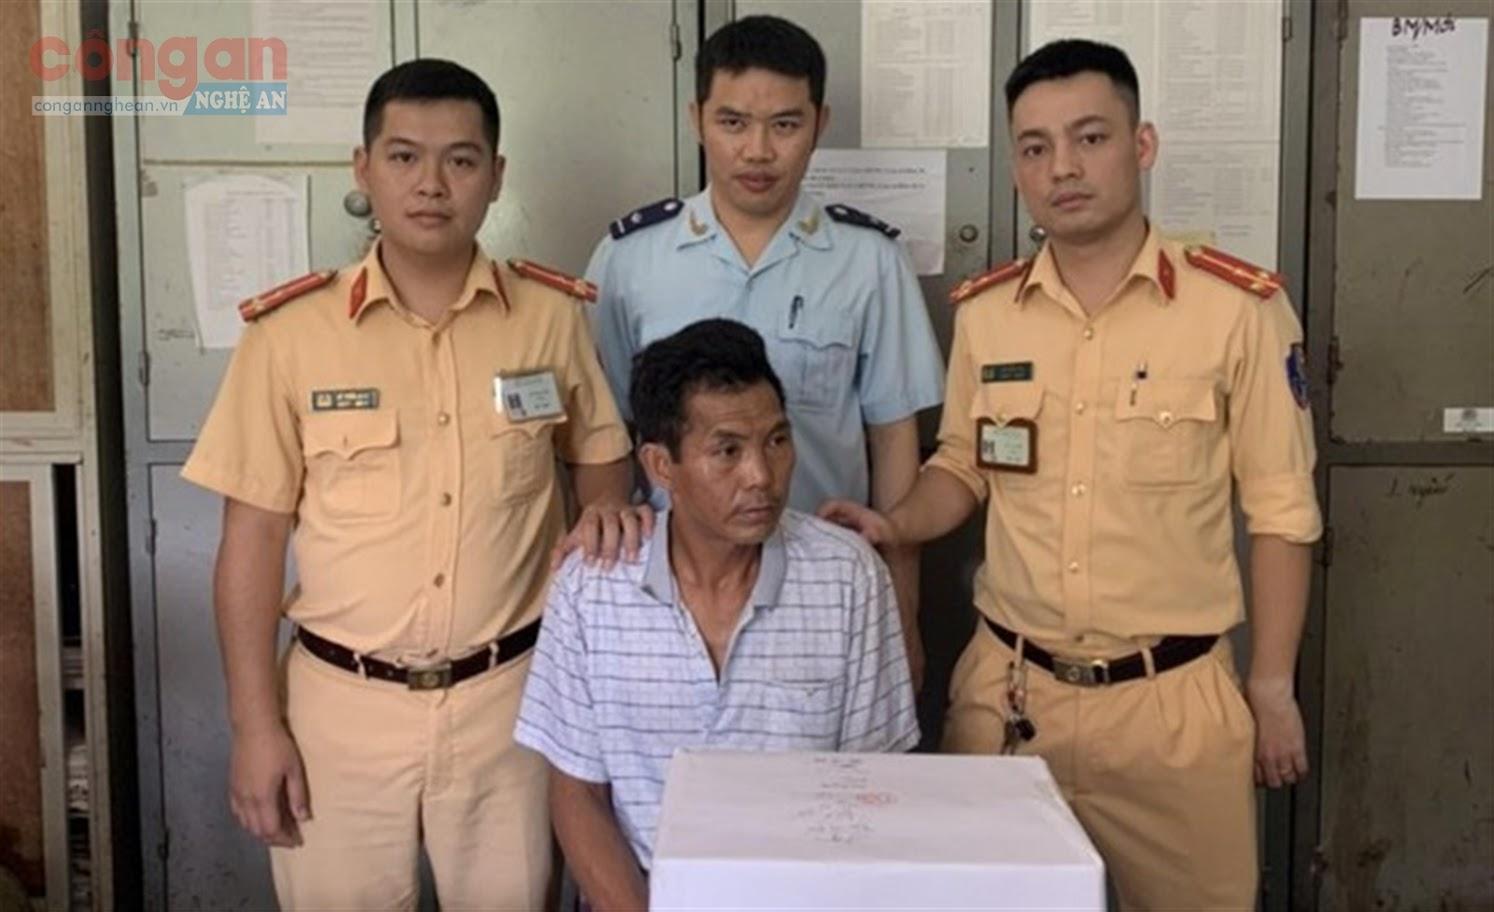 Đội CSGT Công an huyện Kỳ Sơn phối hợp với các lực lượng chức năng  bắt quả tang đối tượng Lầu Bá Xìa về hành vi vận chuyển trái phép chất ma túy